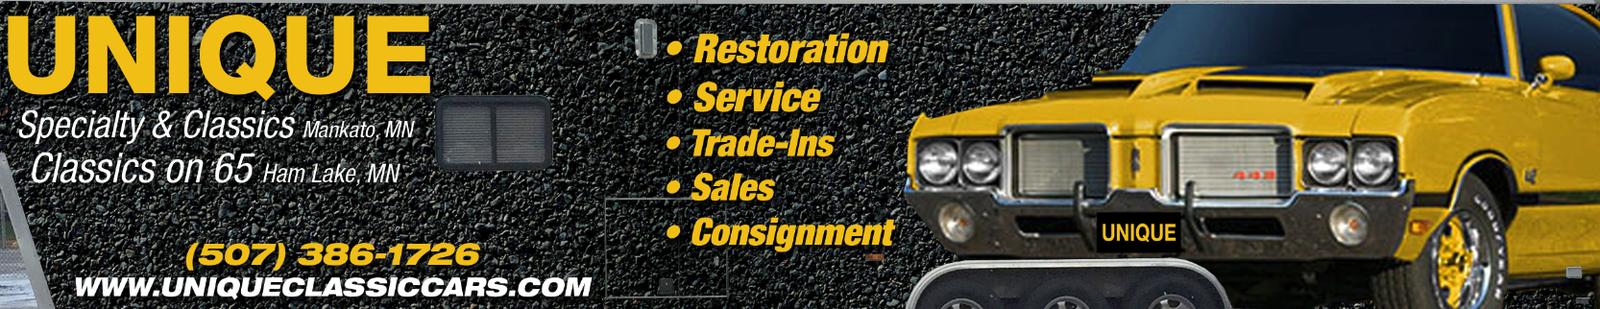 Mankato Car Dealers >> Unique Specialty & Classics - Mankato, MN: Read Consumer ...